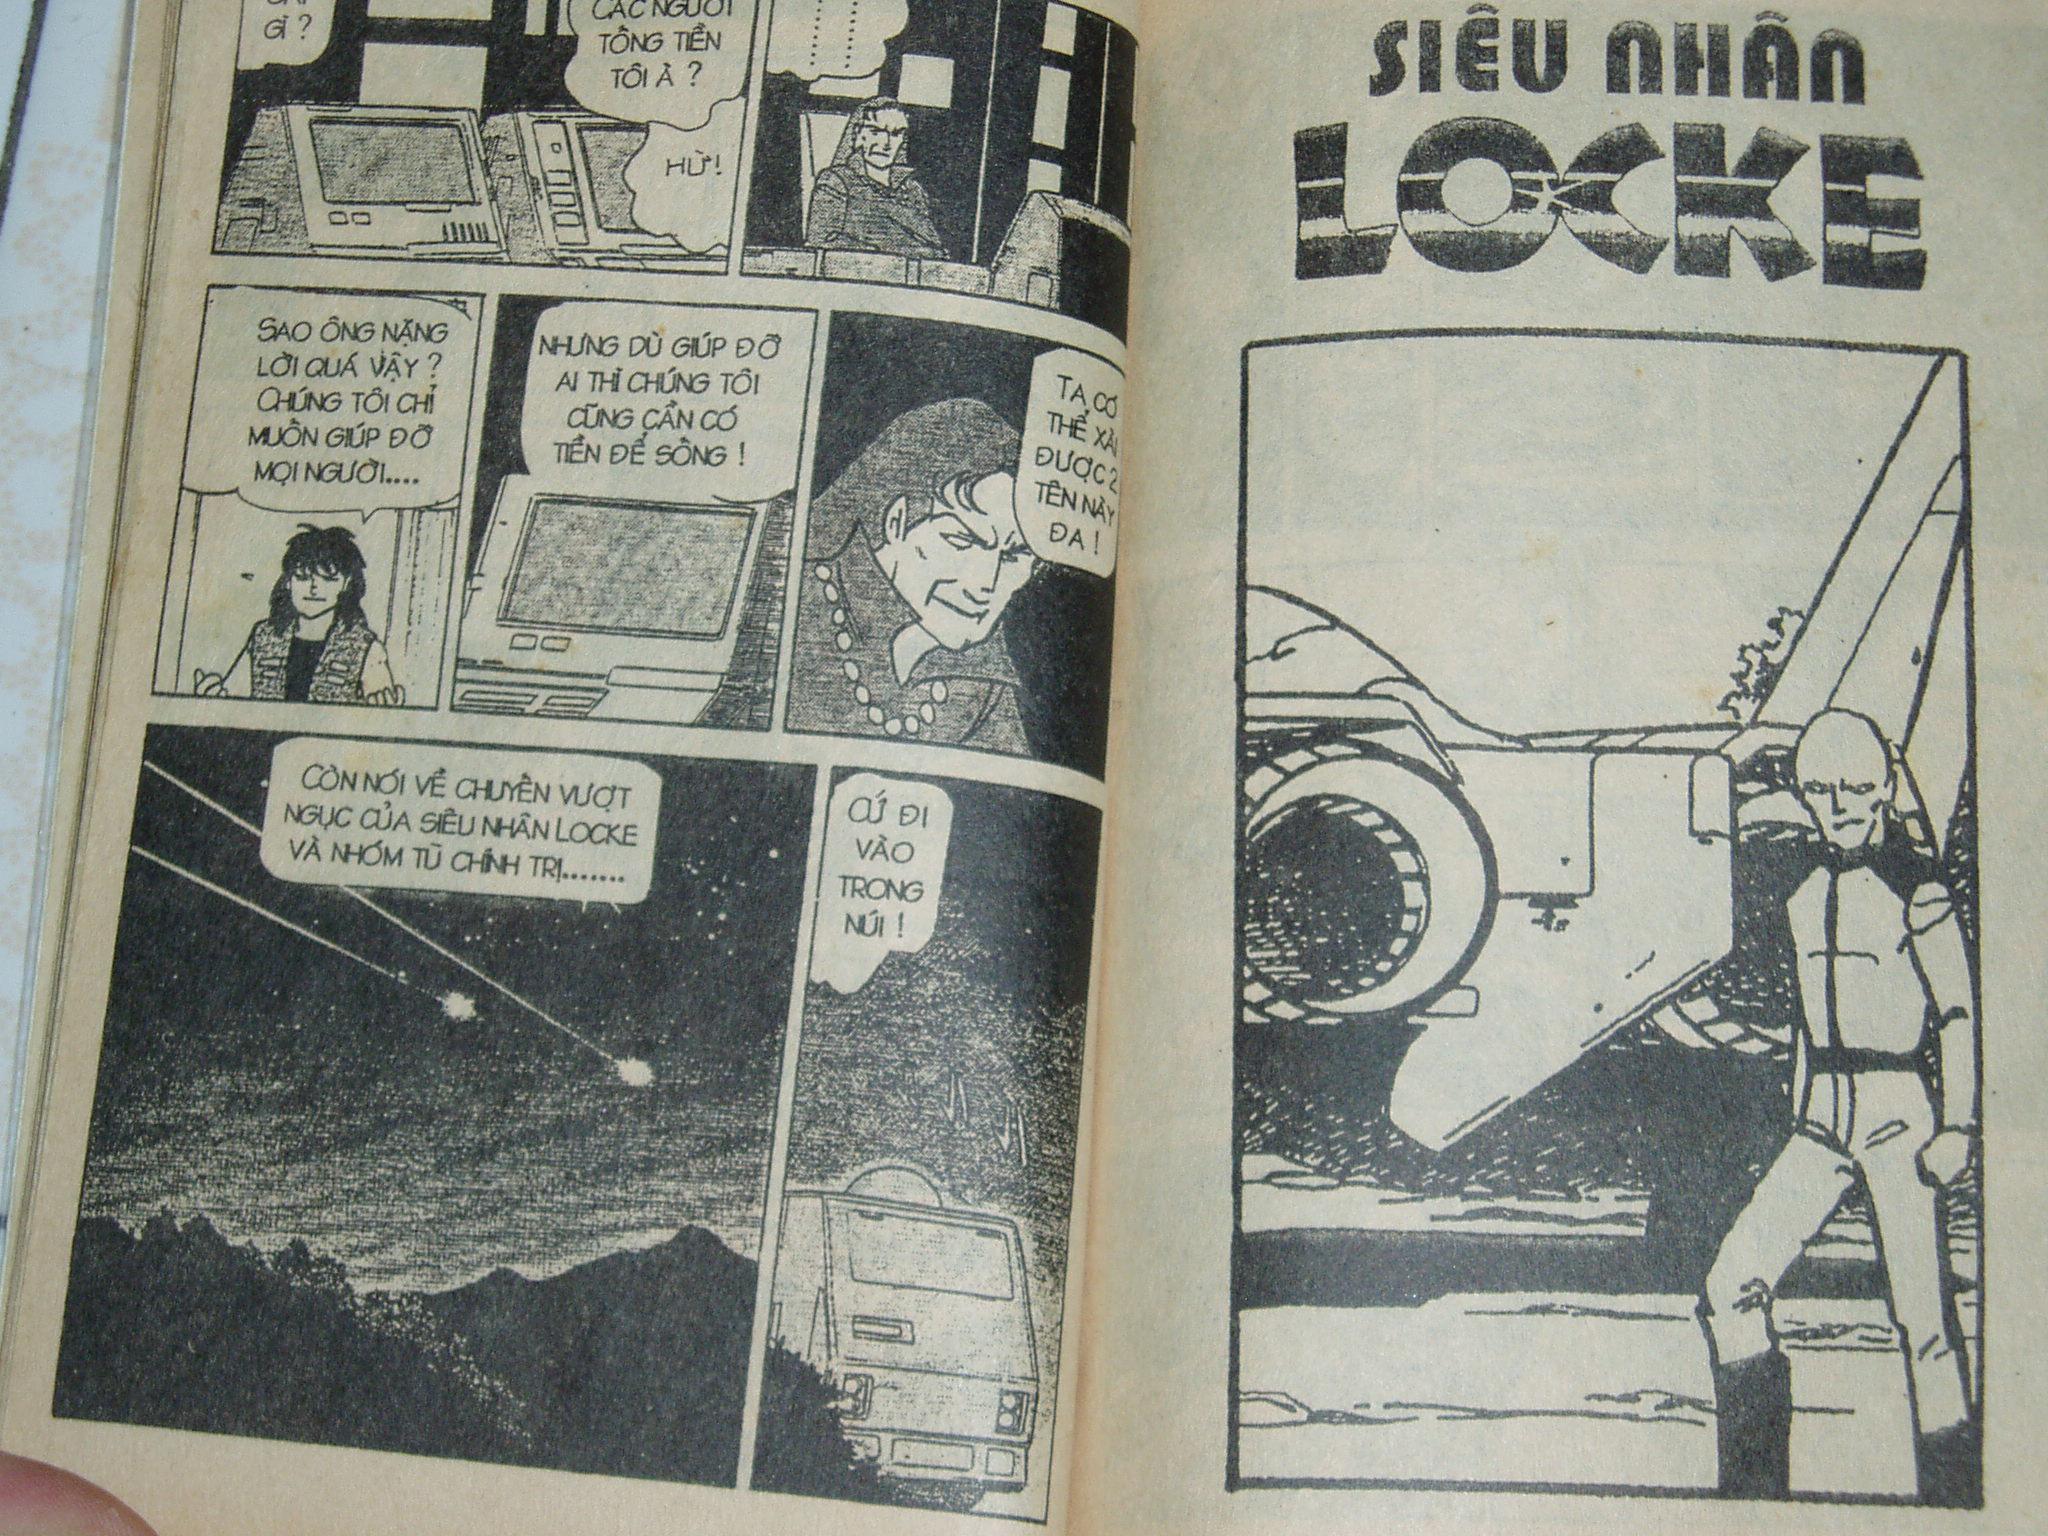 Siêu nhân Locke vol 18 trang 29